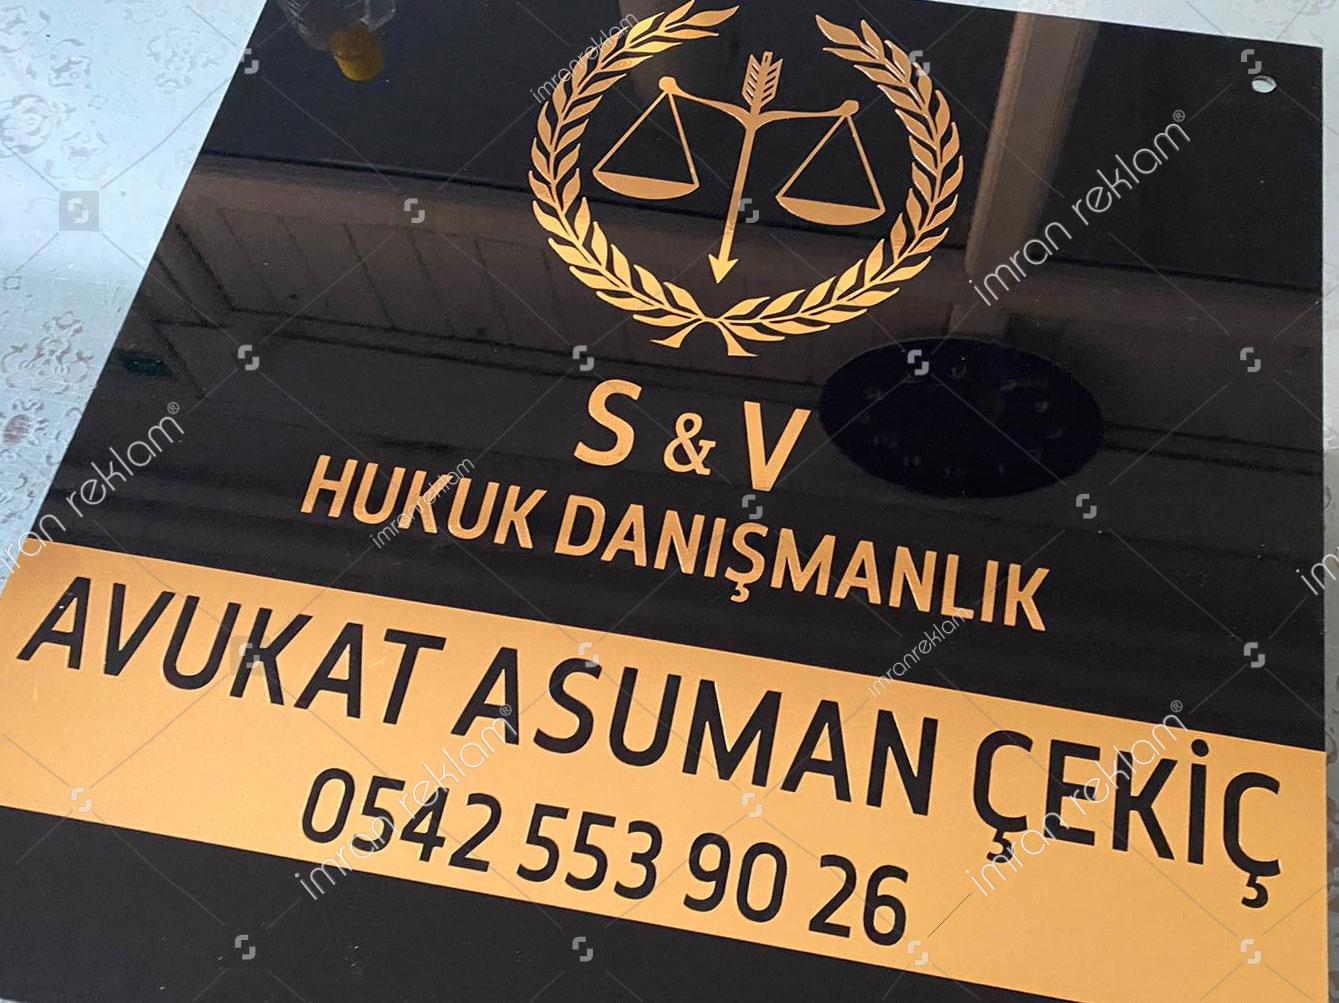 Hukuk Danışmanlık Ofisi Pleksi Kapı Tabelası